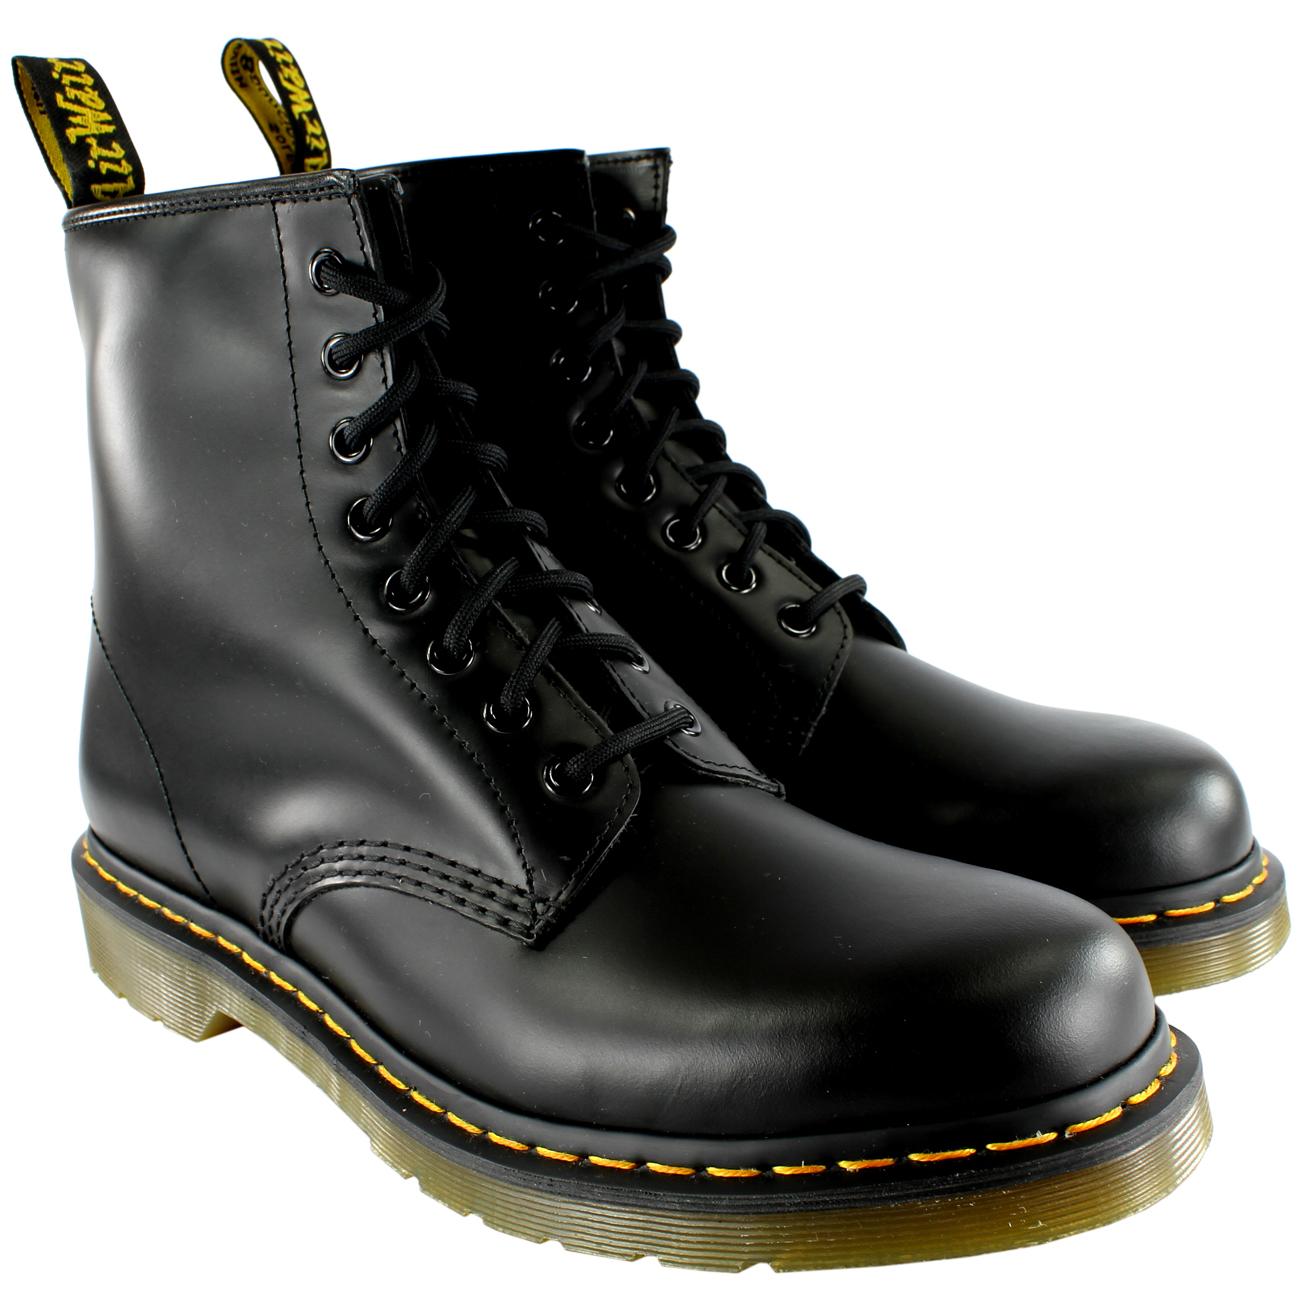 Dr. Martens Classic 1460 boots mpvQHggU